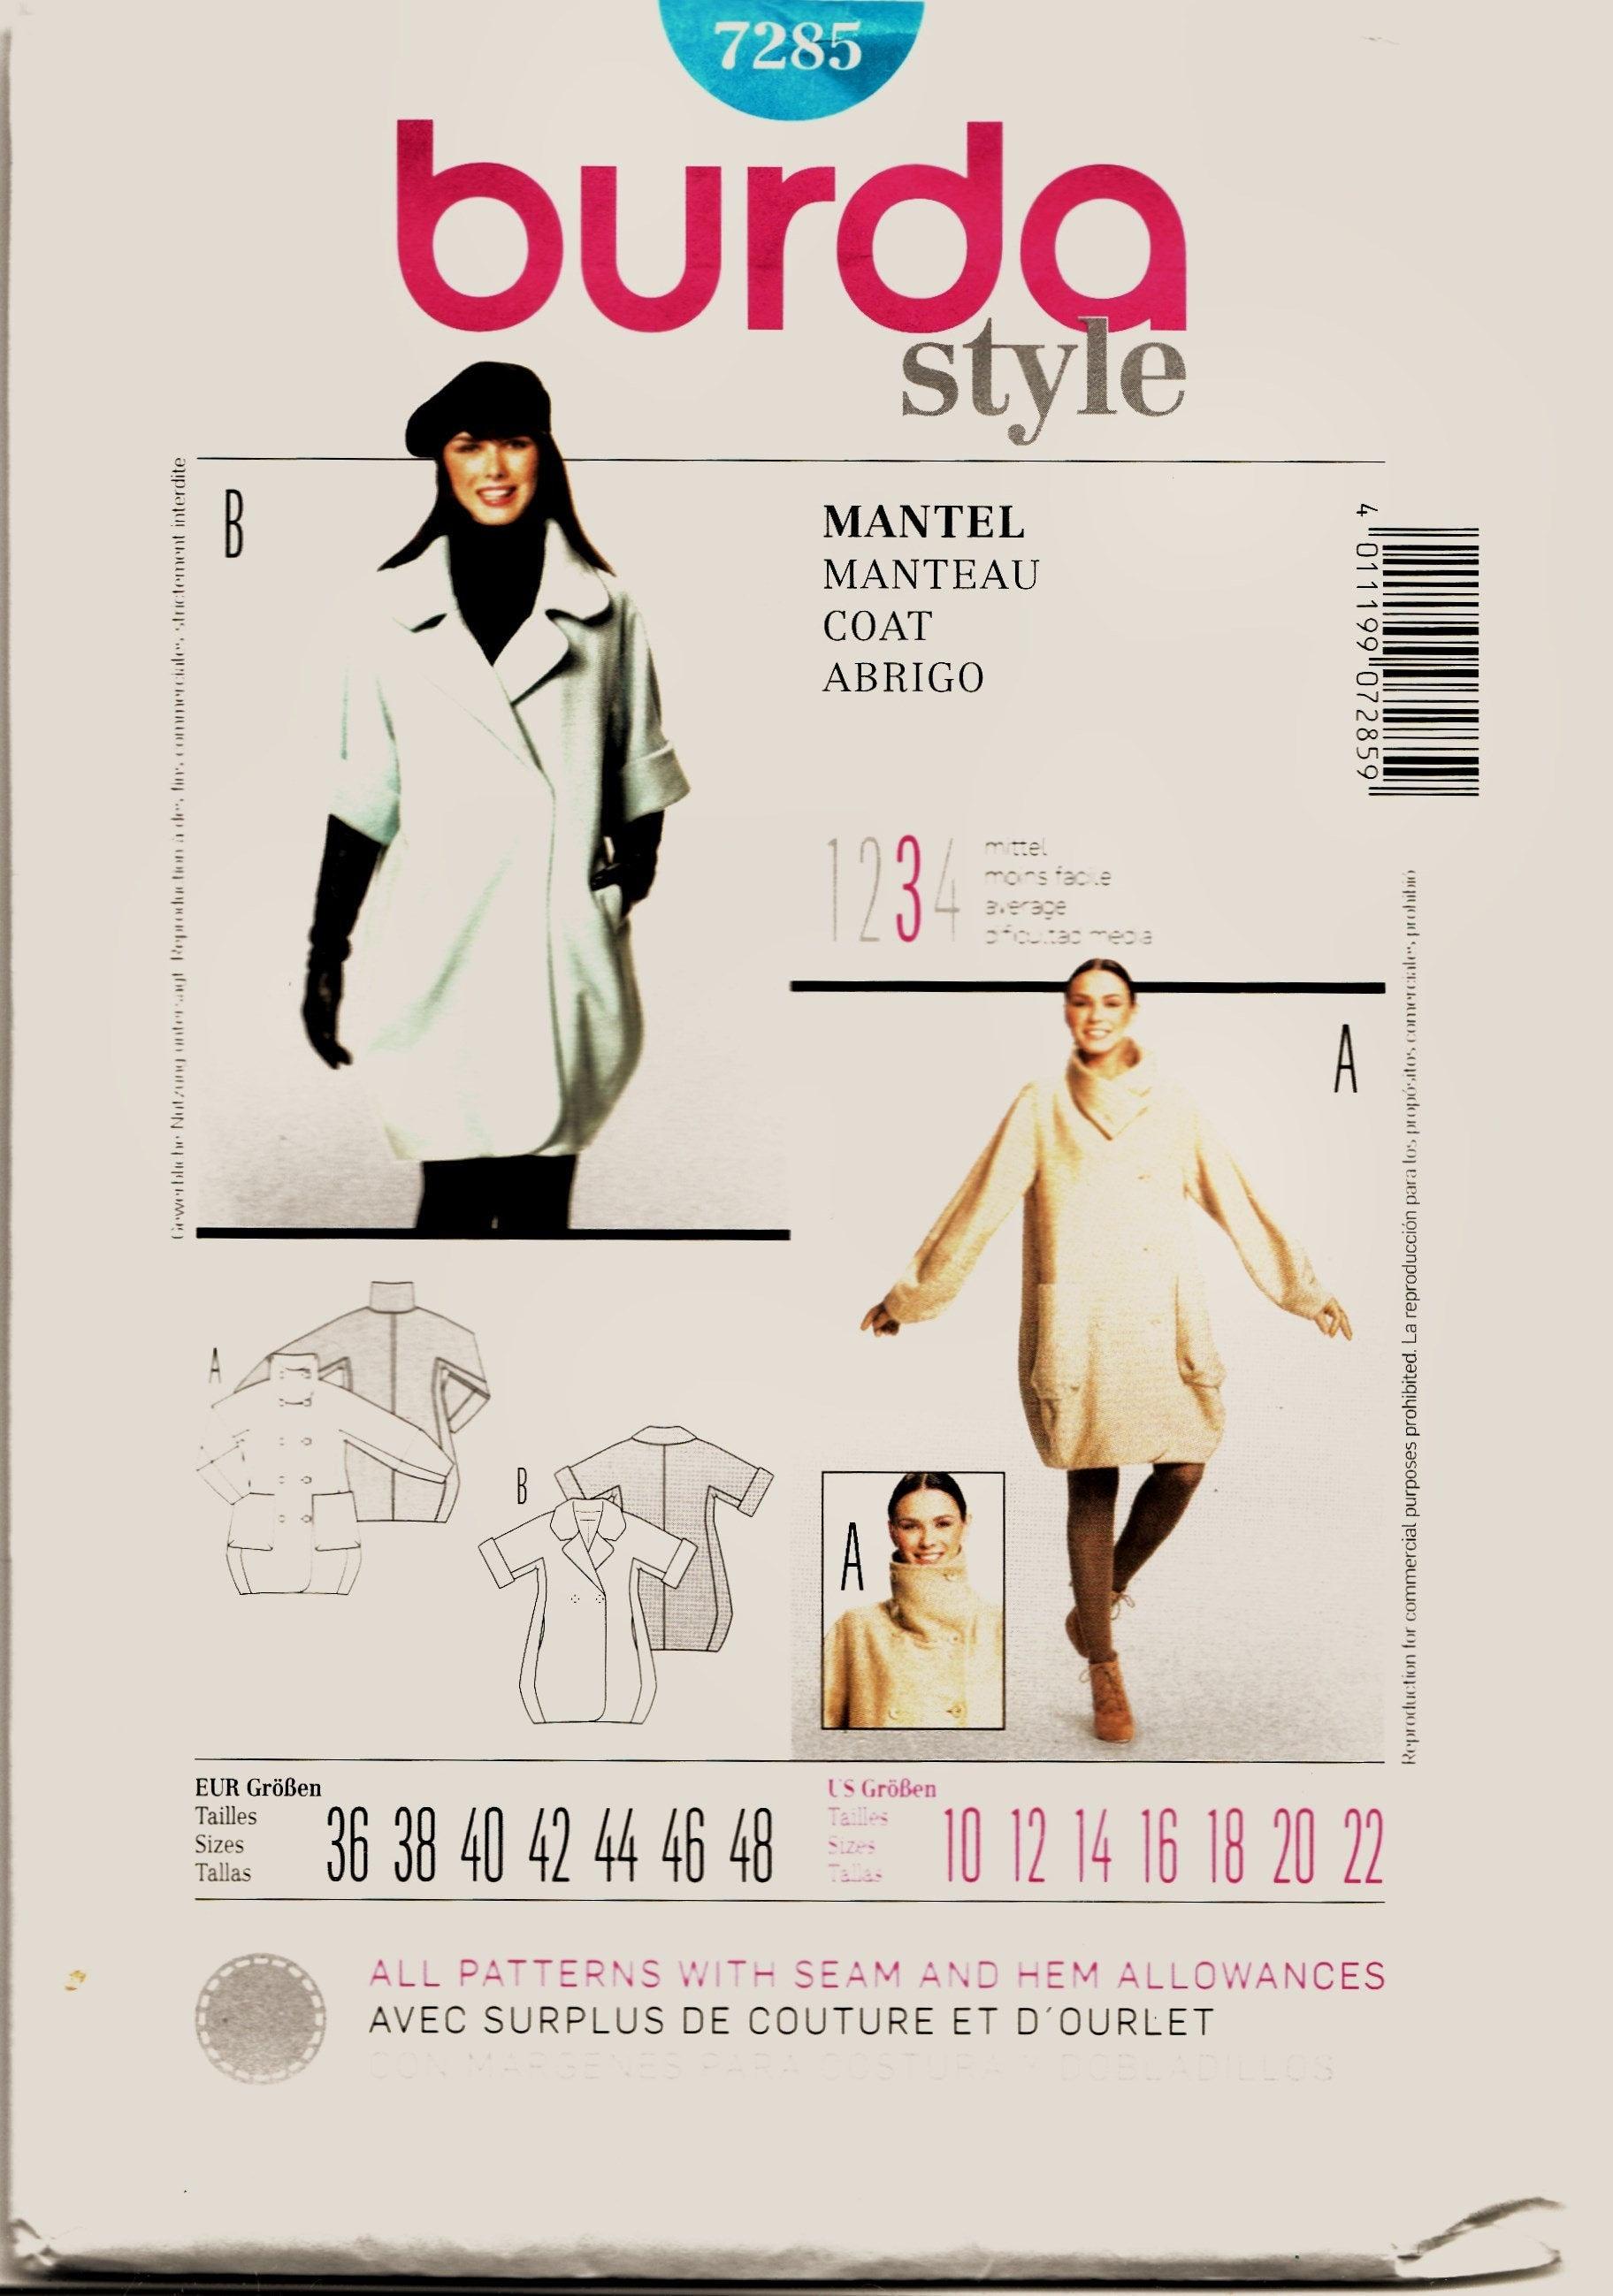 Burda-6814 Burda Mens Sewing Pattern 6814 Shirts with Pockets